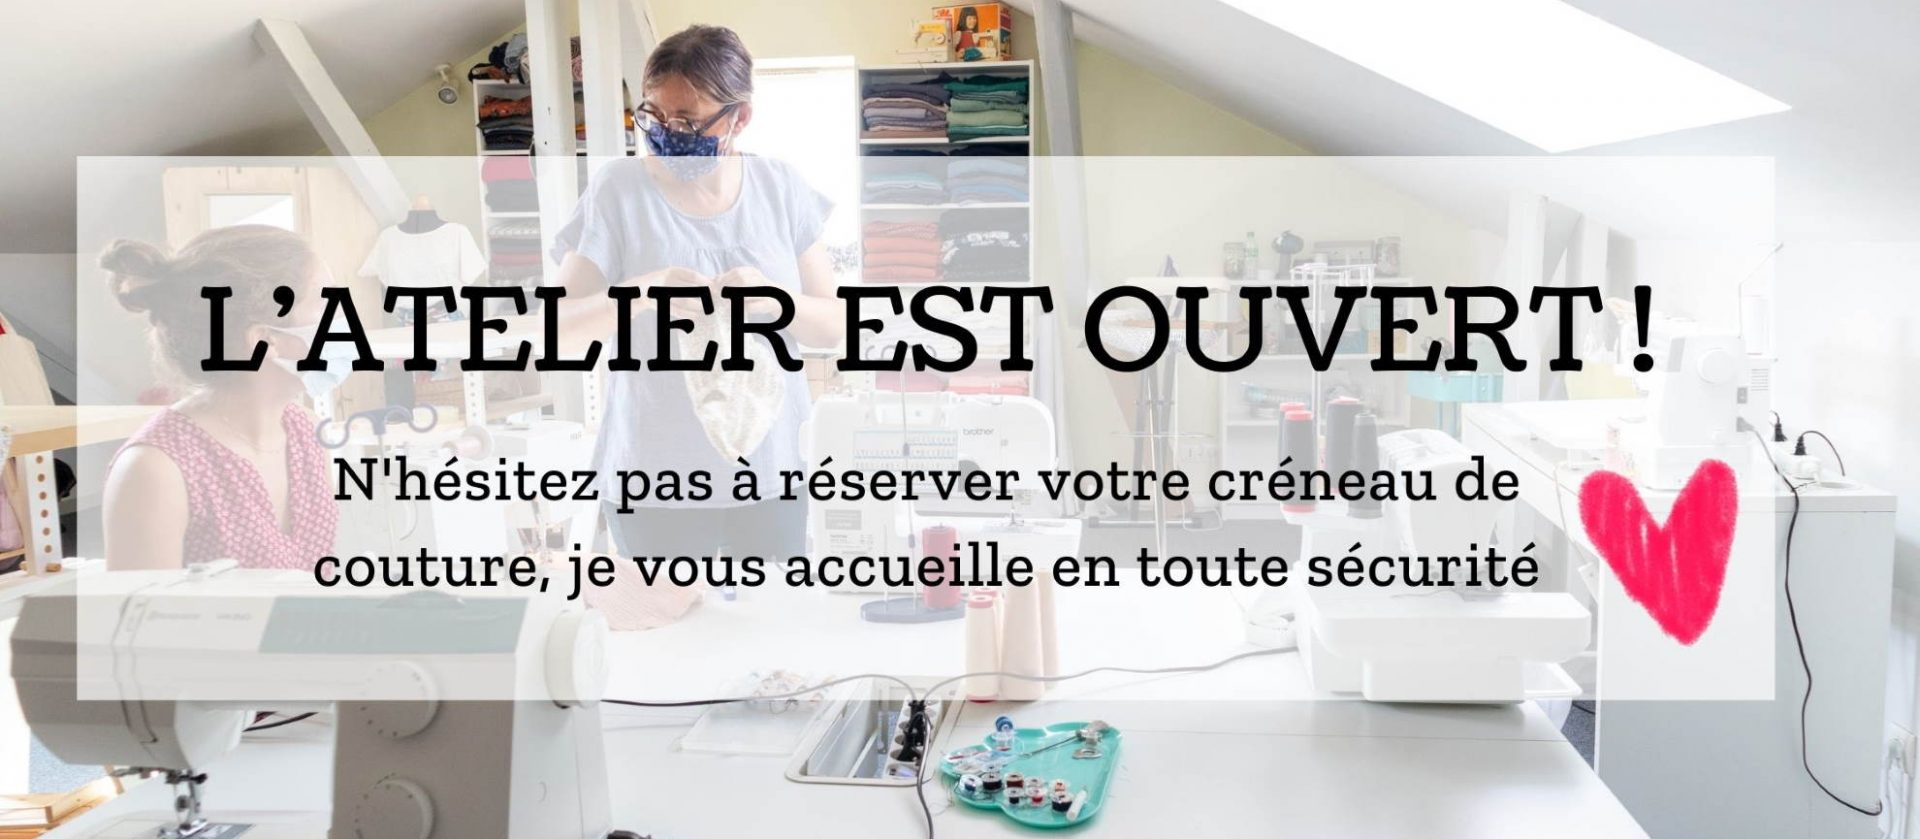 L'ATELIER EST OUVERT